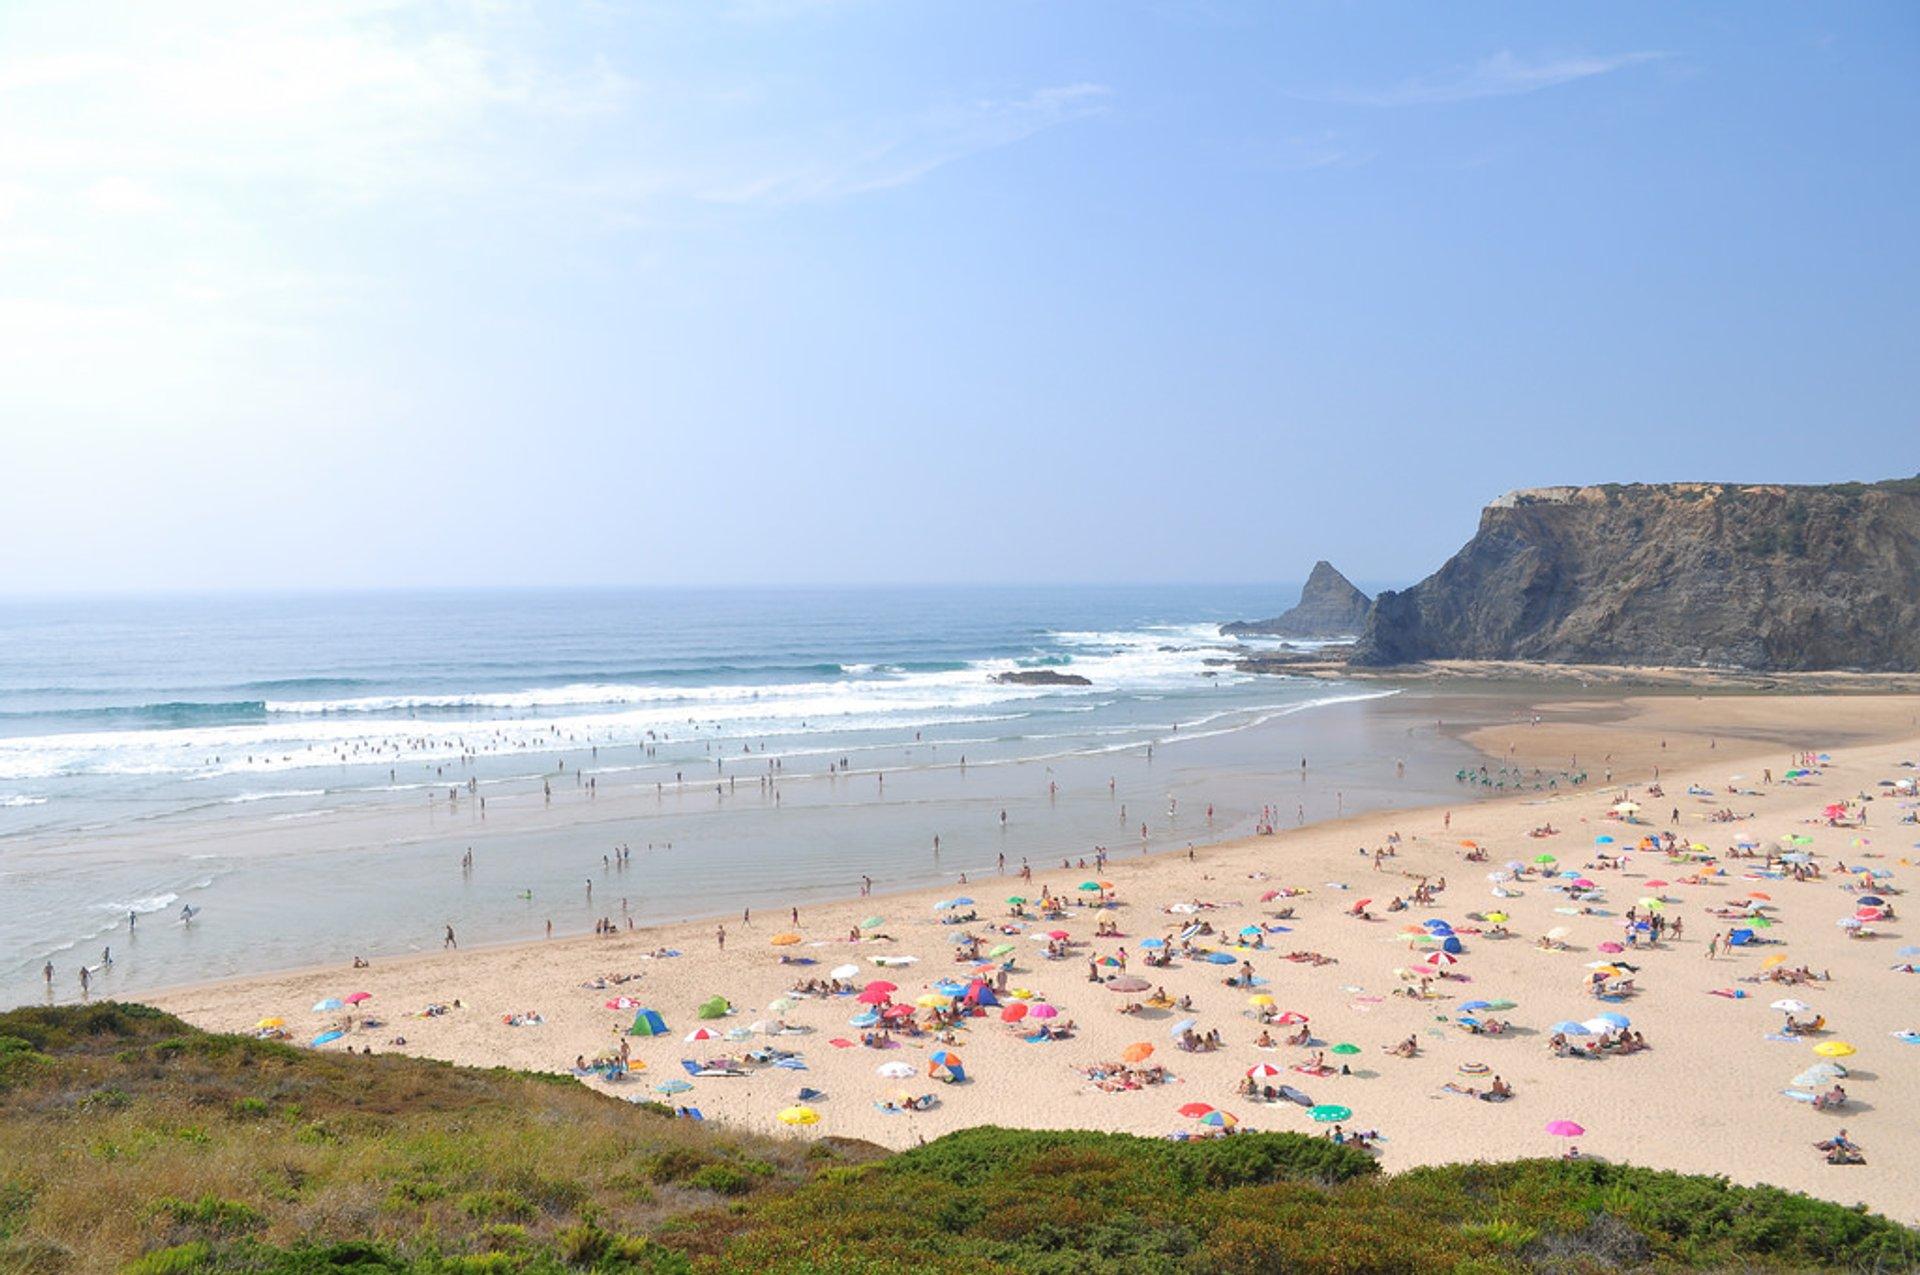 Praia de Odeceixe 2020